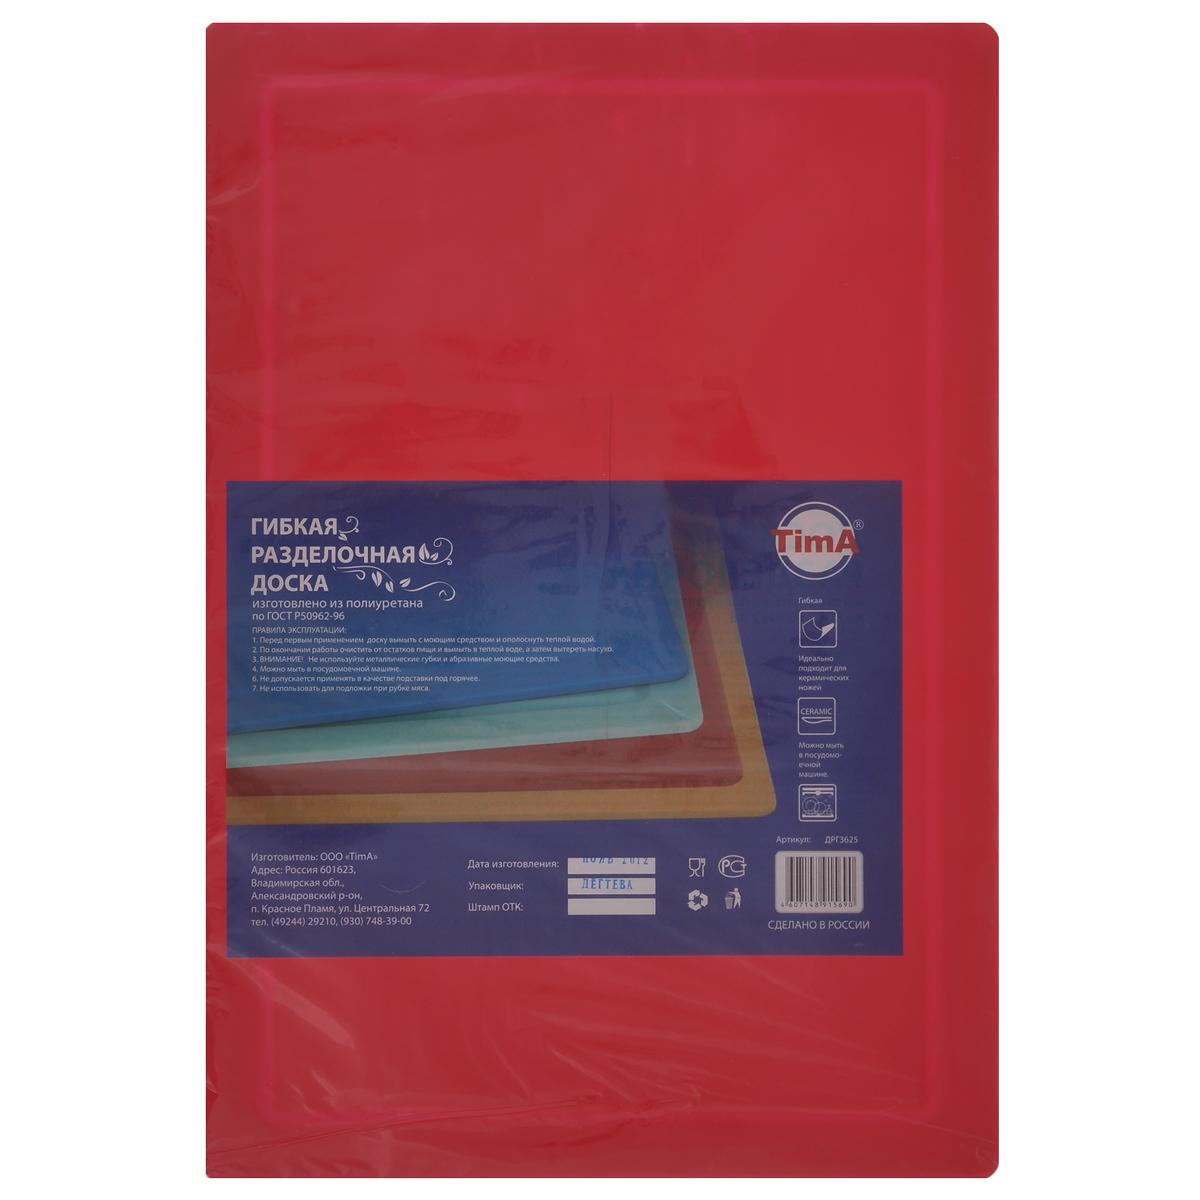 Доска разделочная TimA, цвет: красный, 36 х 25 см разделочная доска домашний сундук гибкая цвет красный синий 2 шт